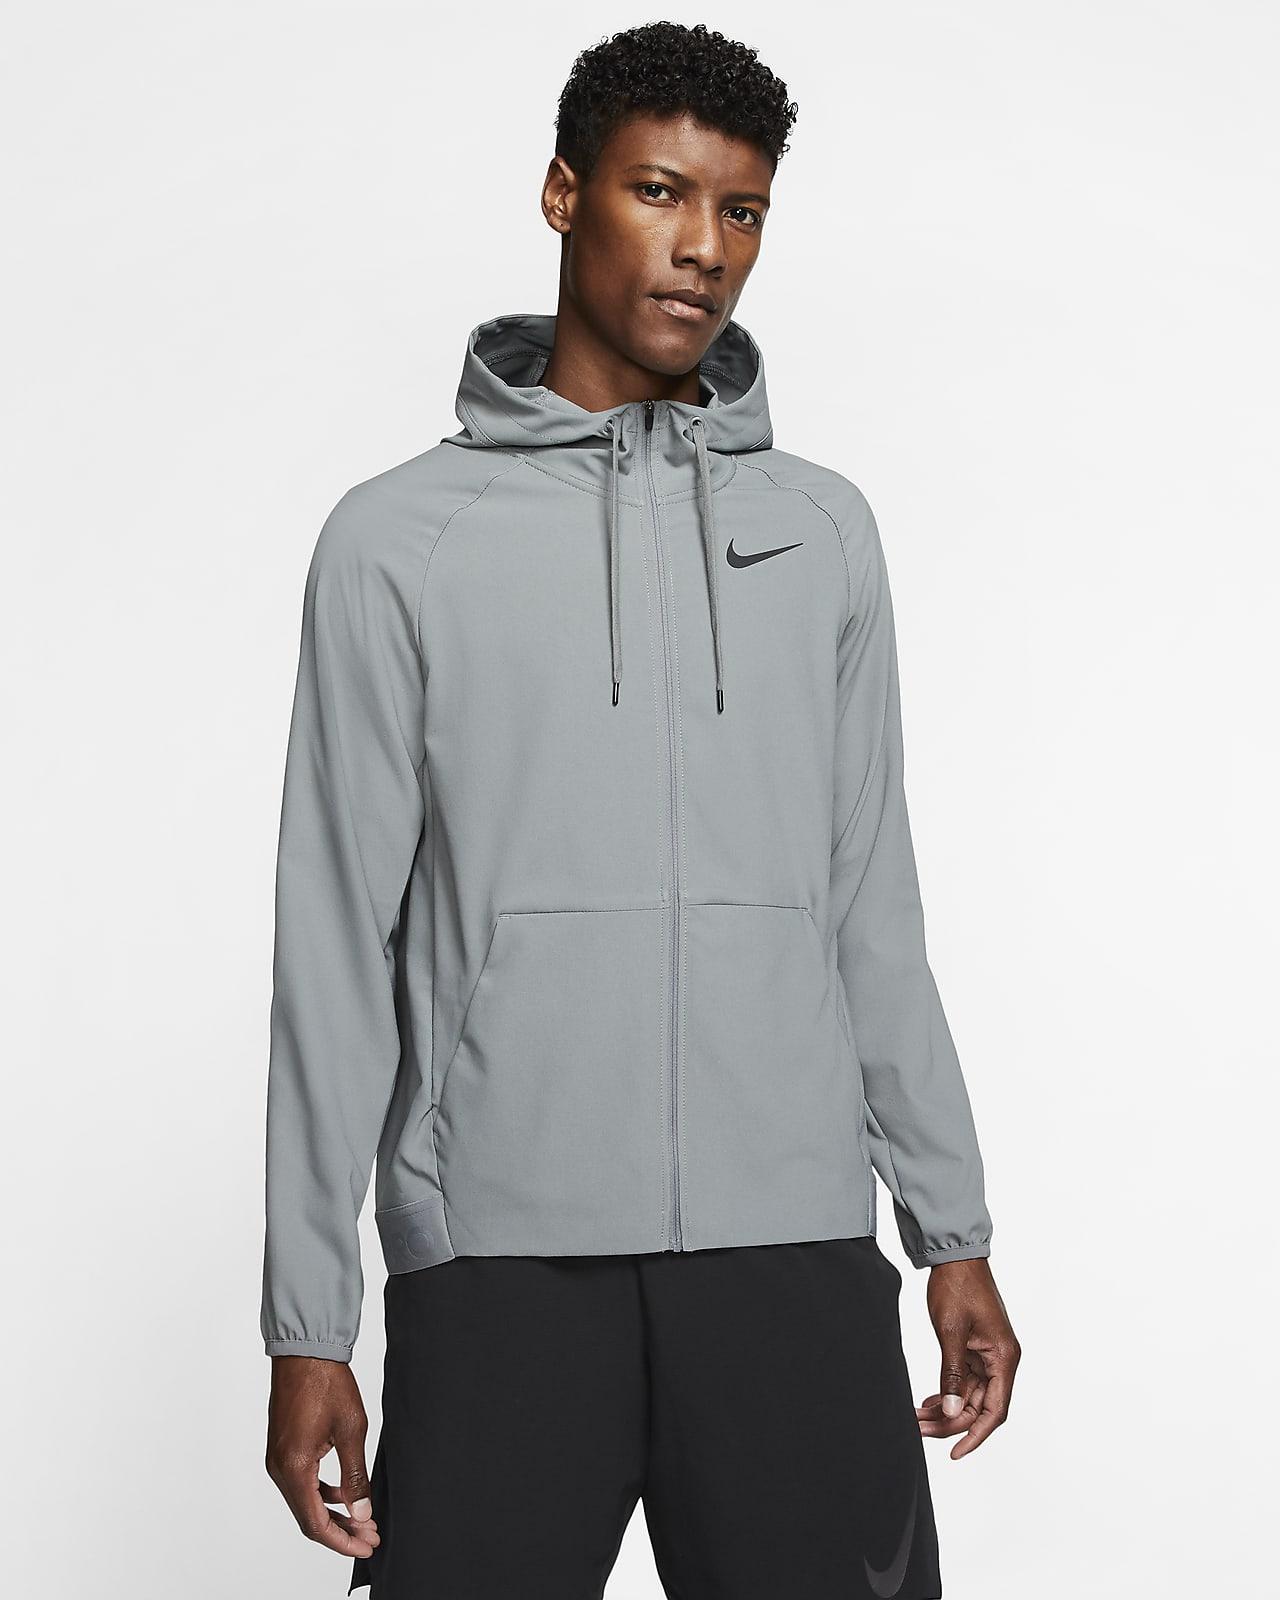 Casaco de treino com fecho completo Nike Flex para homem